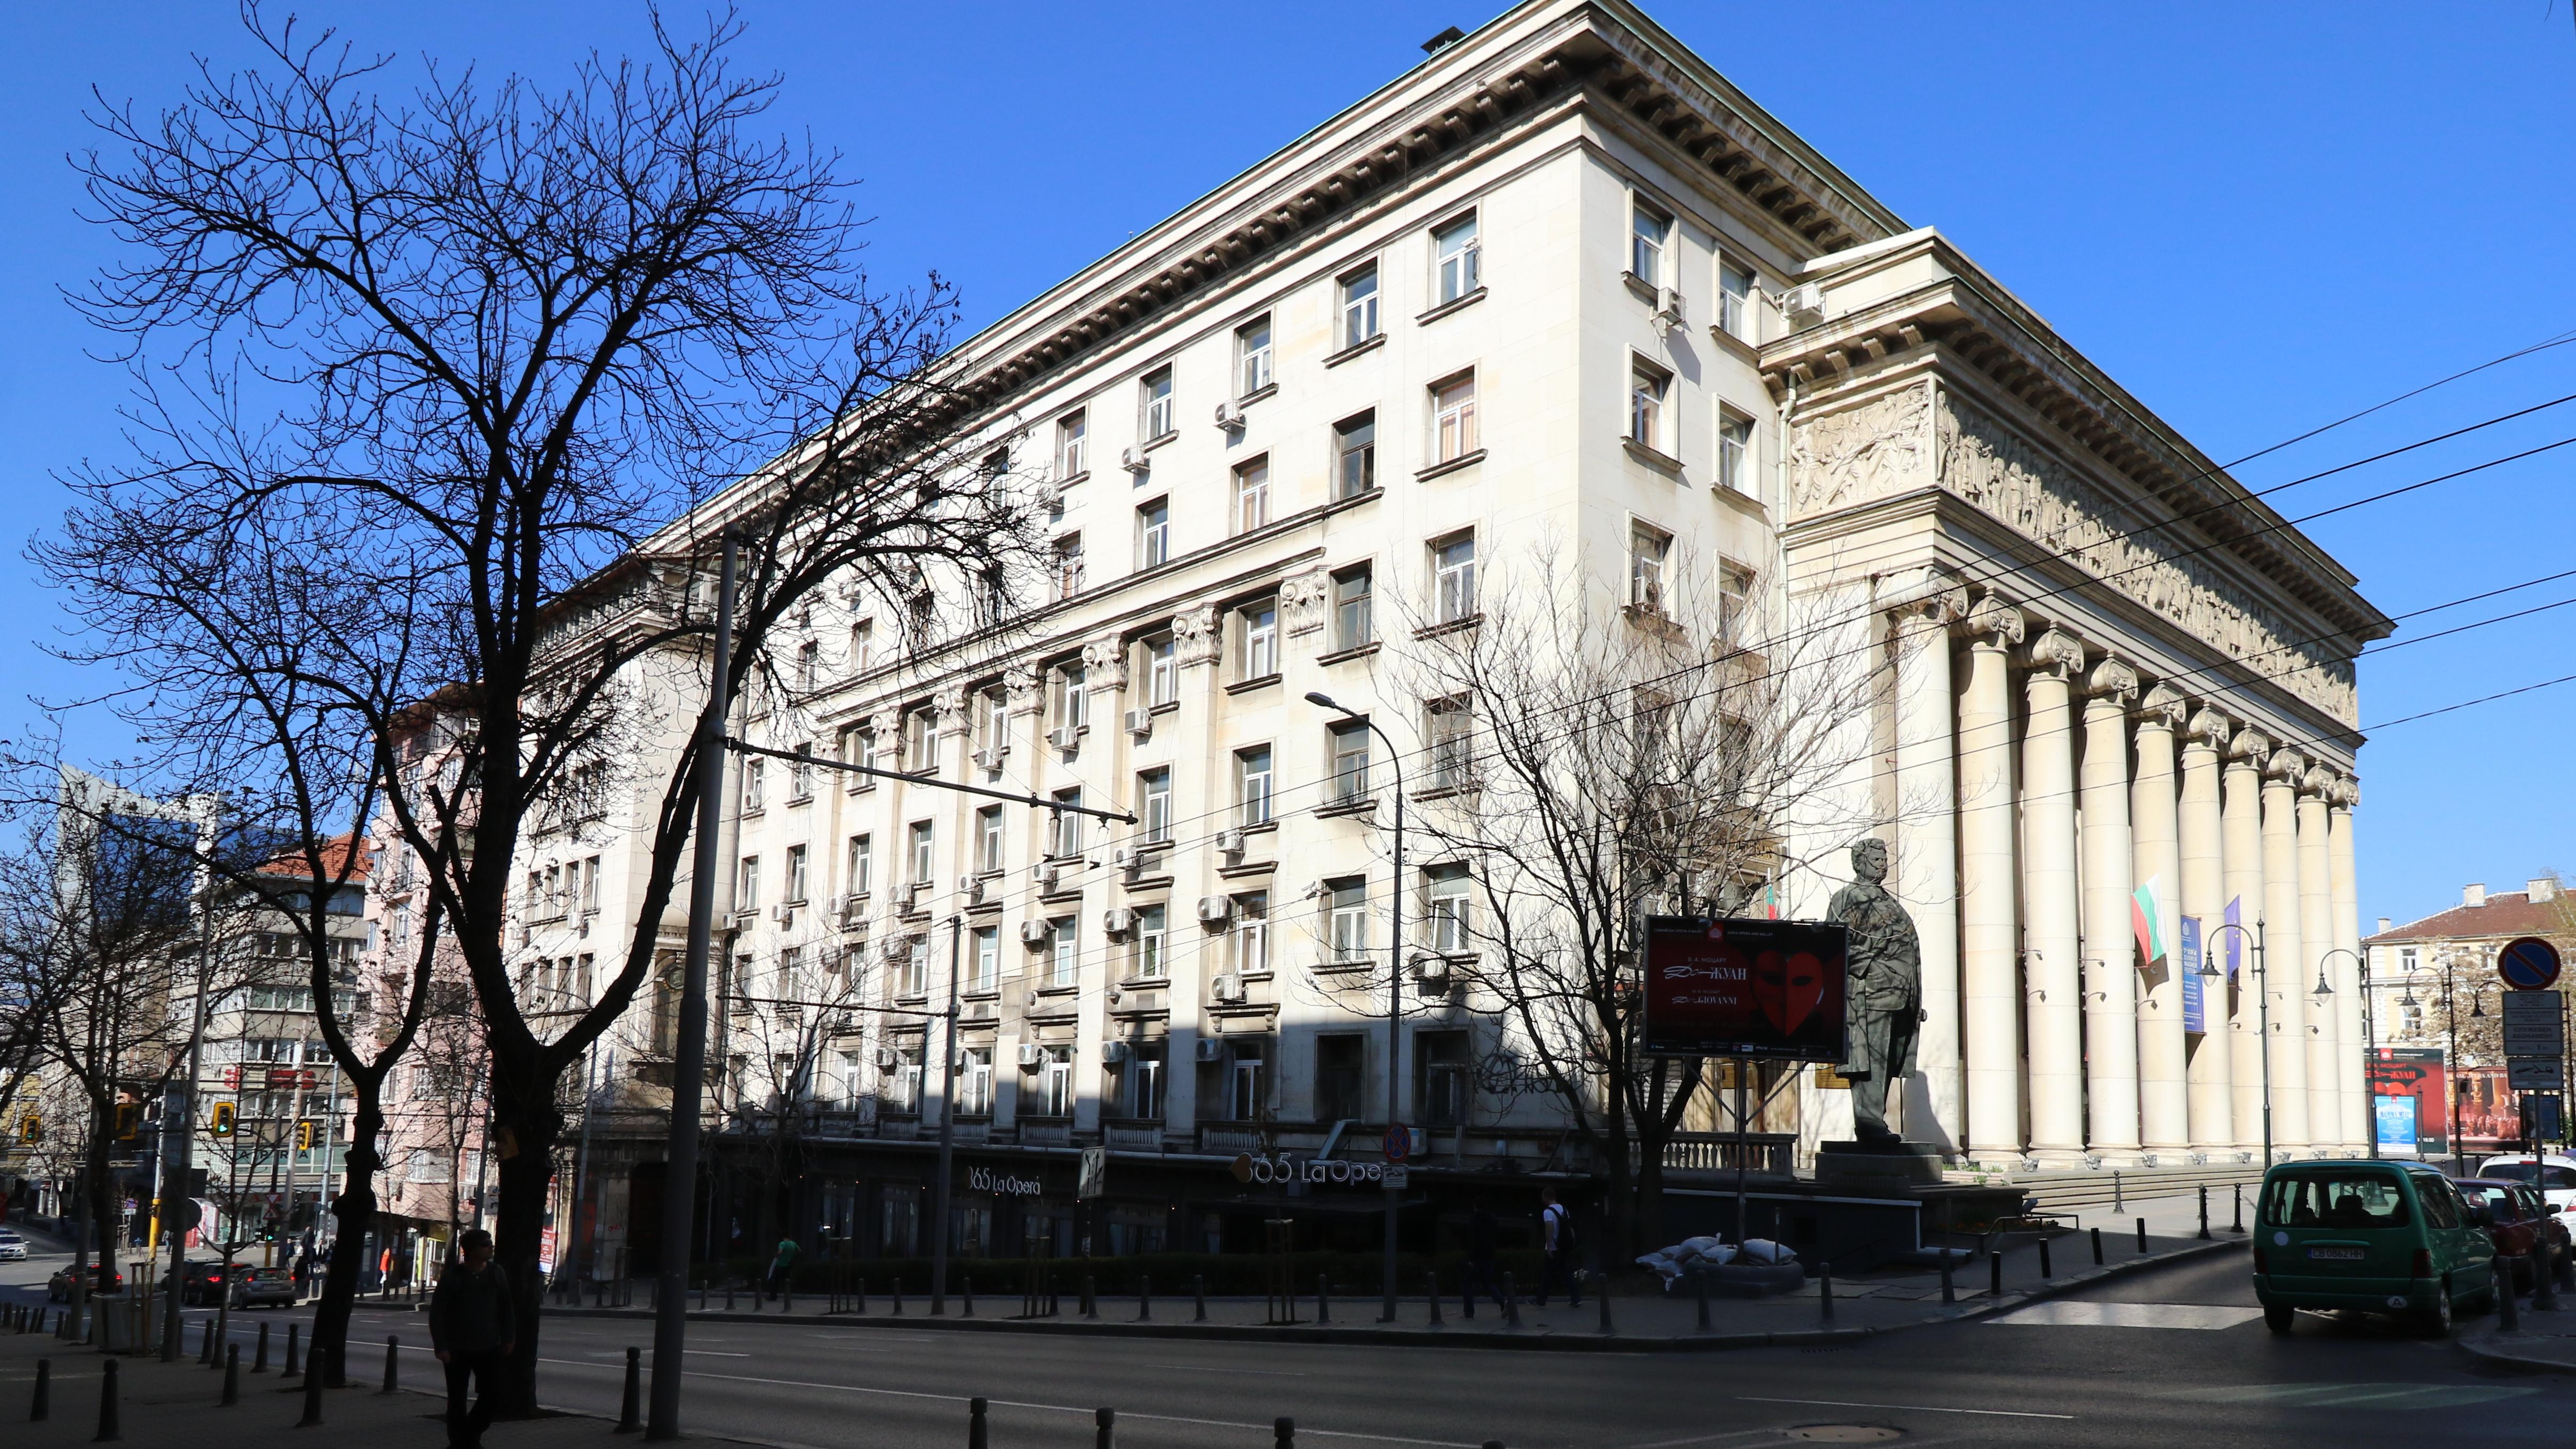 Сградата, в която се намира Софийската опера и балет е проектирана от инж. арх.Лазар Парашкеванов, избран от Александър Стамболийски, тогавашният министър-председател на България.